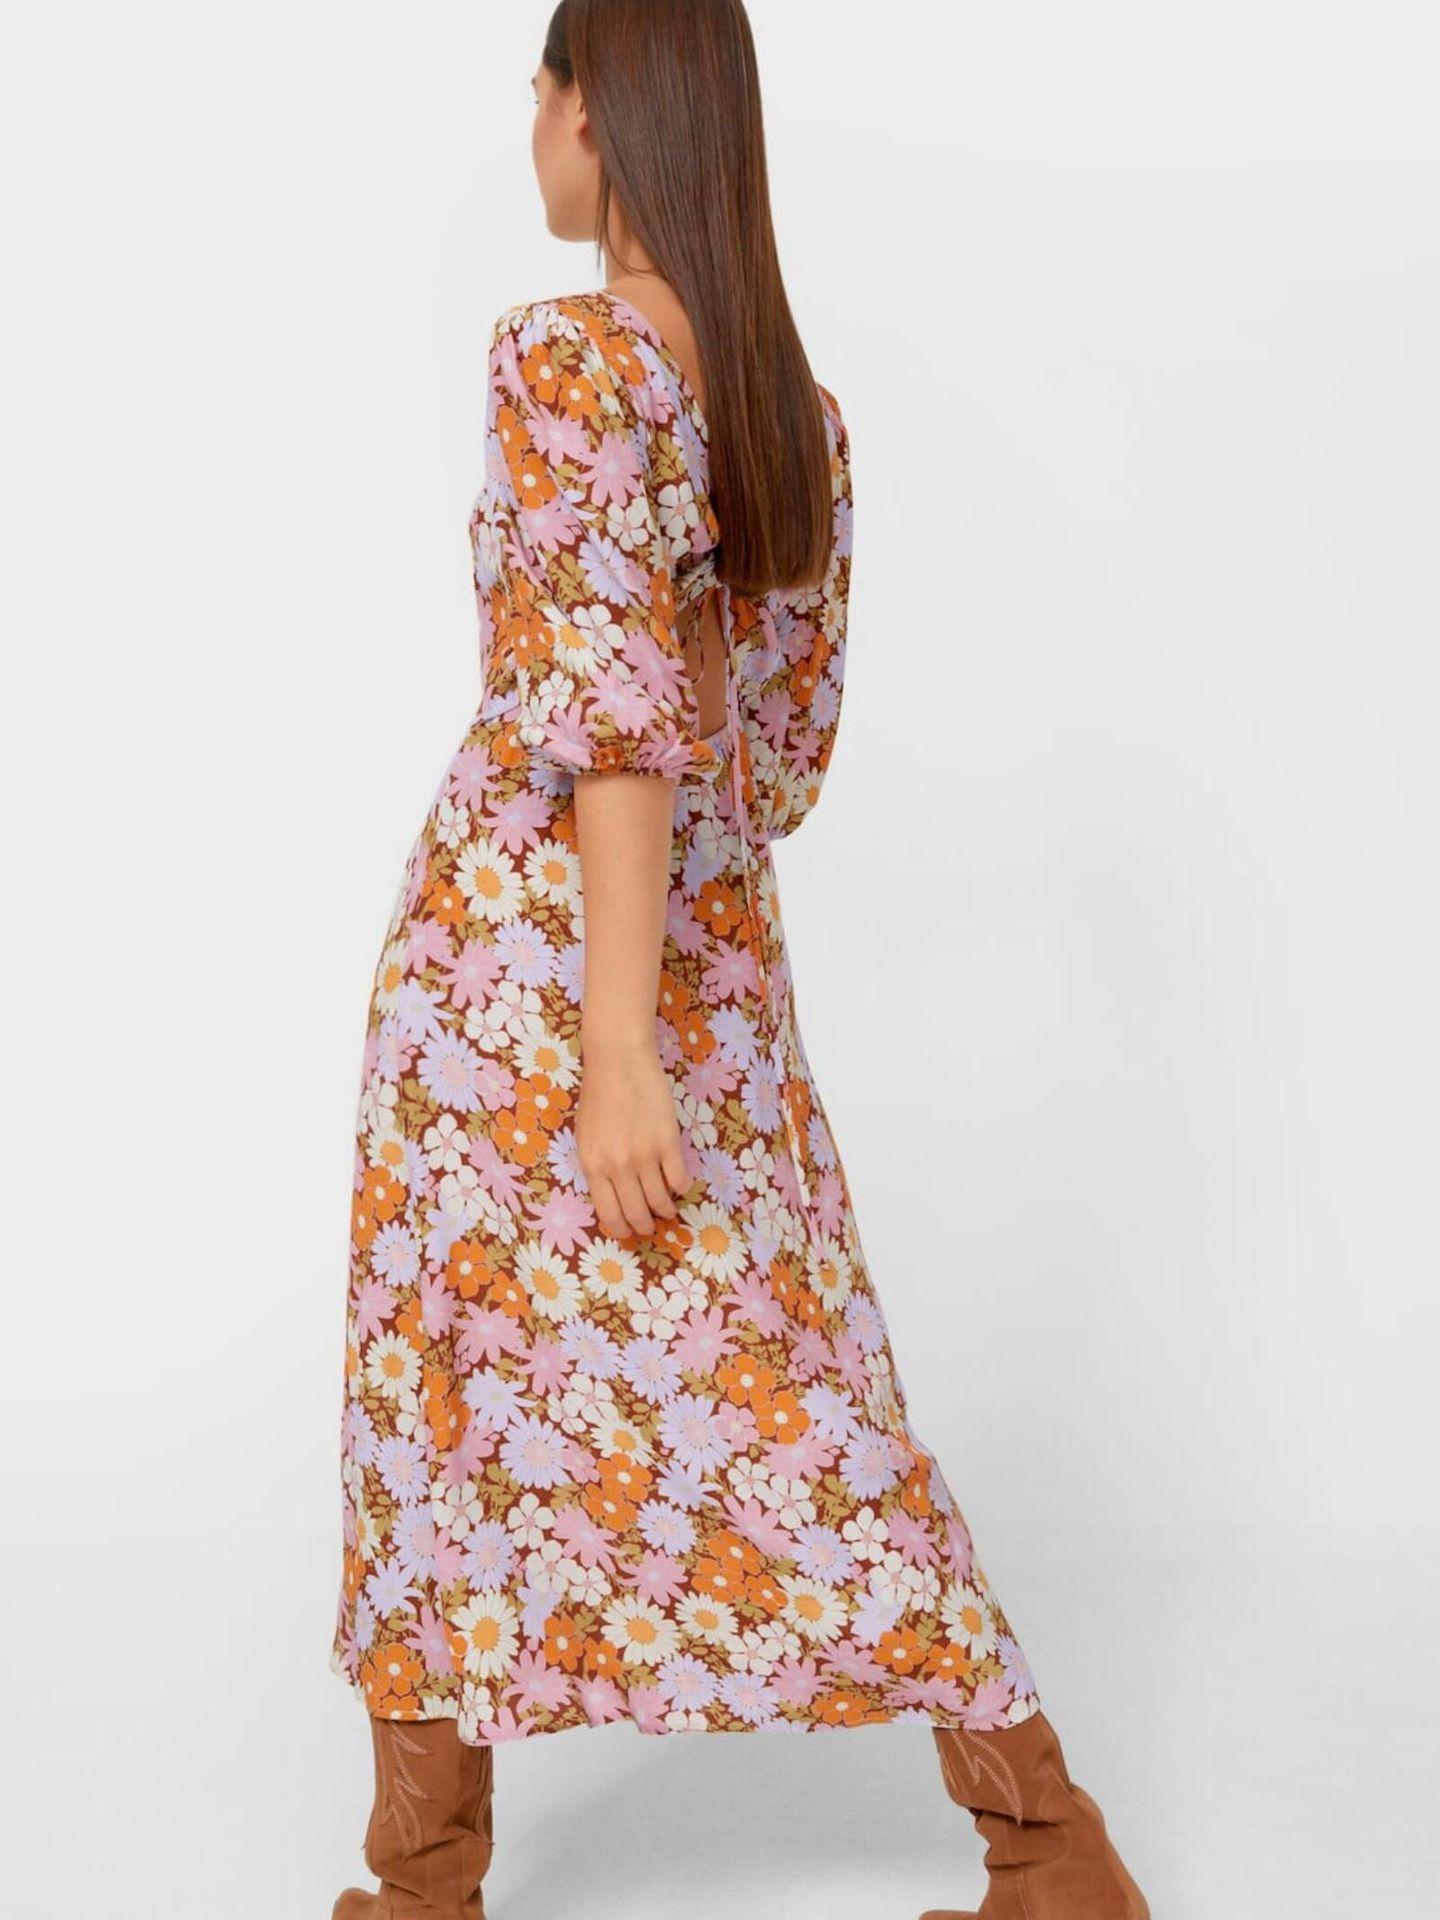 Vestido de flores de Stradivarius ideal para el frío. (Cortesía)